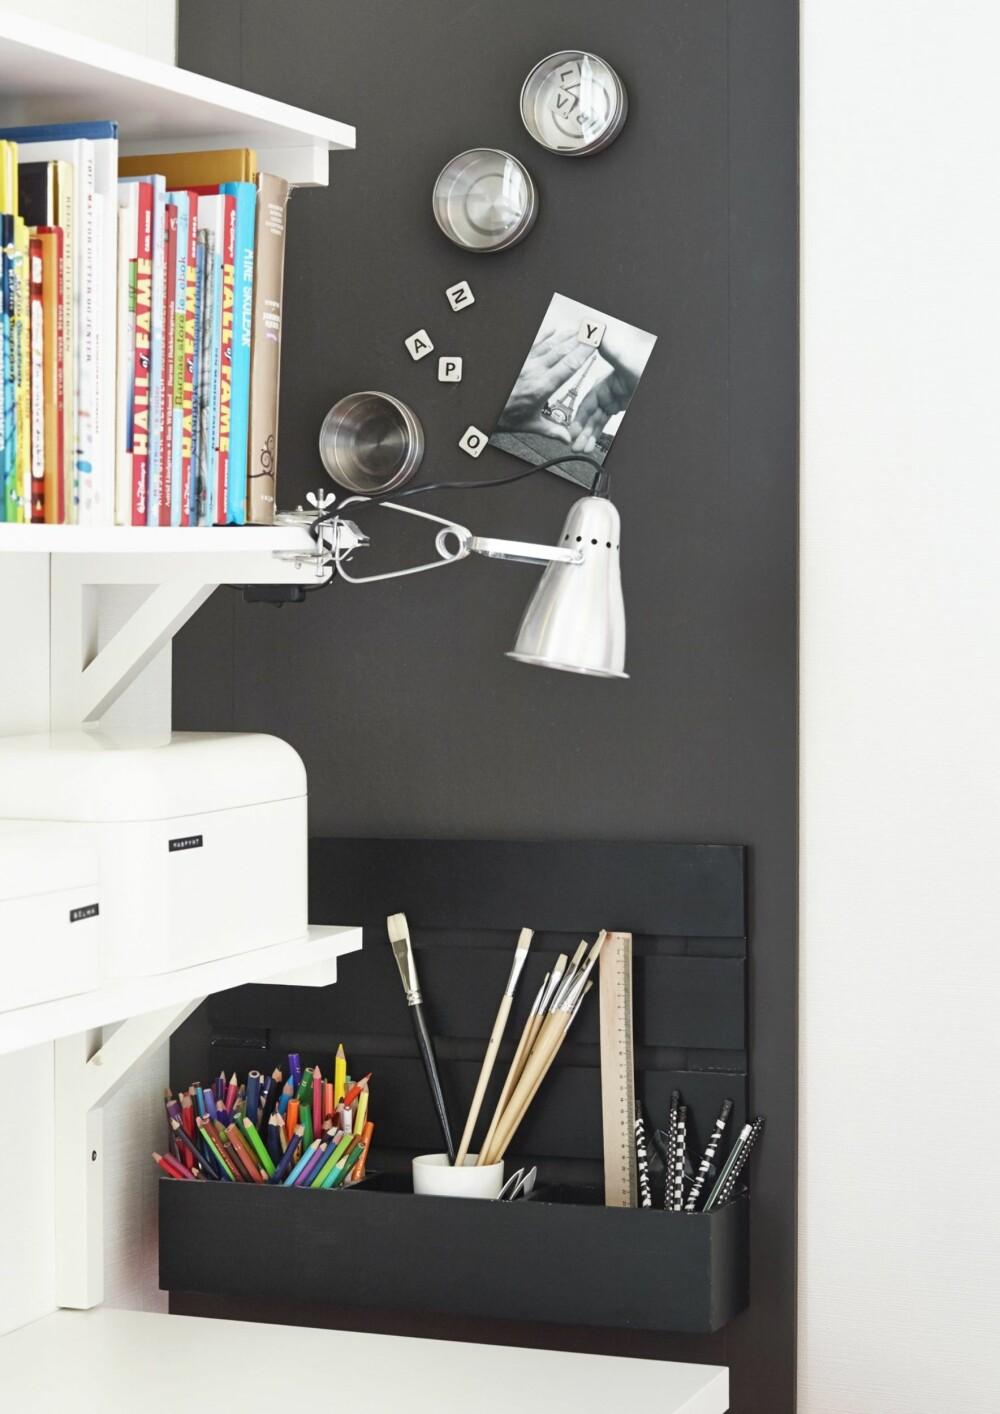 EFFEKTFULLT: Den svarte tavlen består av en MDF-plate som er tapetsert med magnettapet, fra Borge, og malt svart, S 8000-N. Den svarte boksen i tre til blyanter og skrivesaker er kjøpt på salg hos Granit. Klemmespoten Fas, kr 98, og de hvite oppbevaringsboksene er fra Ikea. Styling: Steen & Aiesh, stylingassistent: Ida Løken.